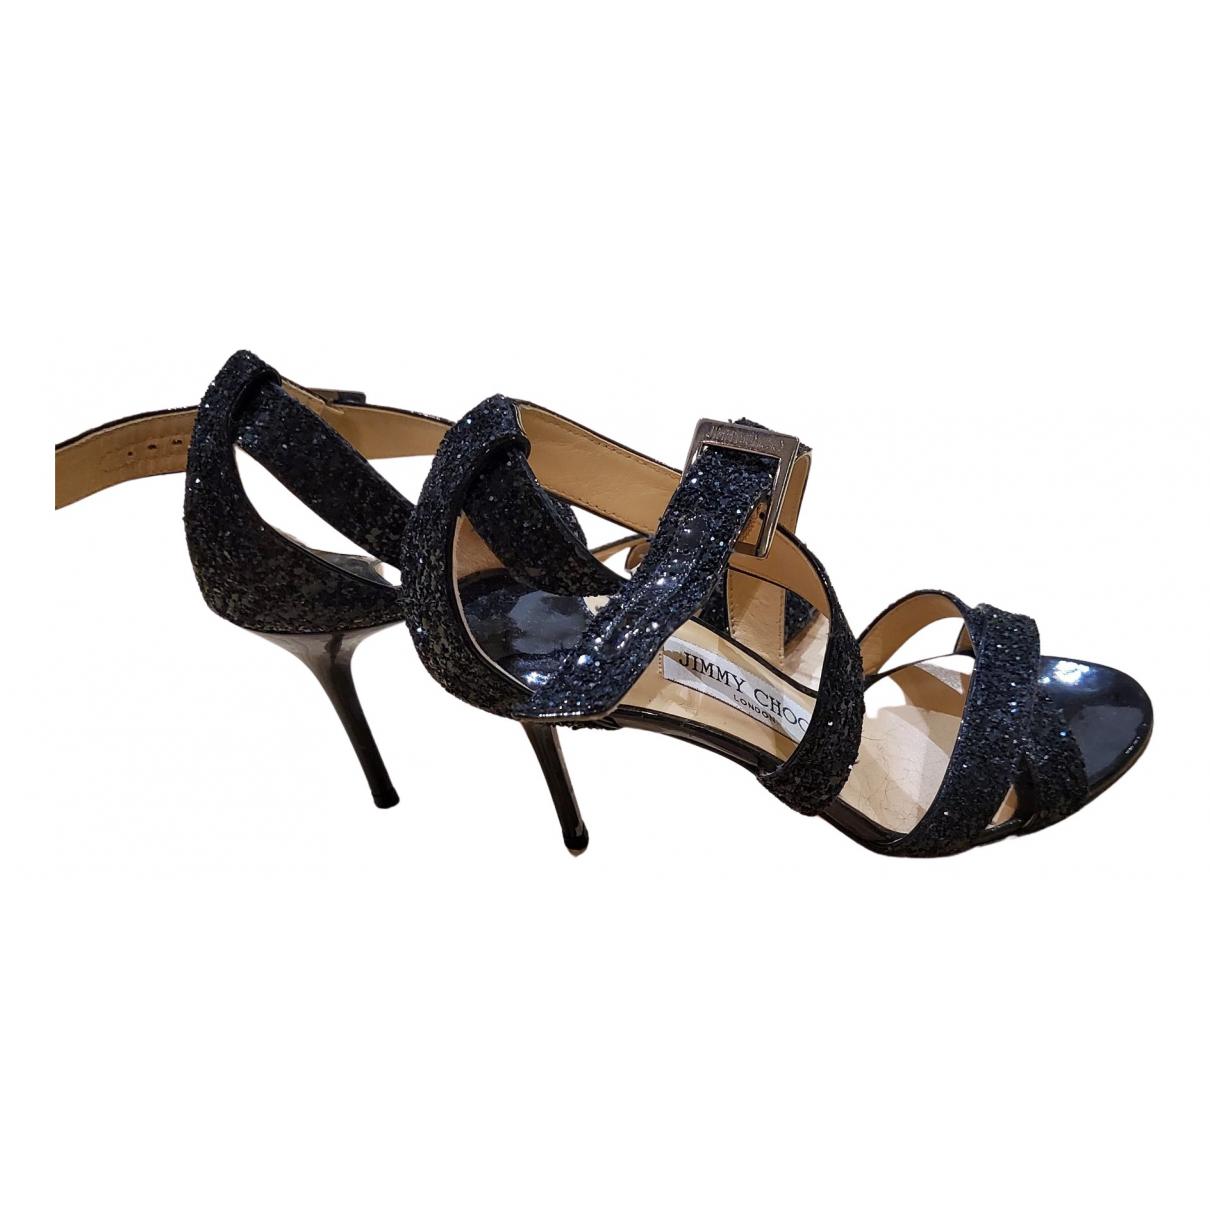 Jimmy Choo N Black Leather Sandals for Women 35 EU